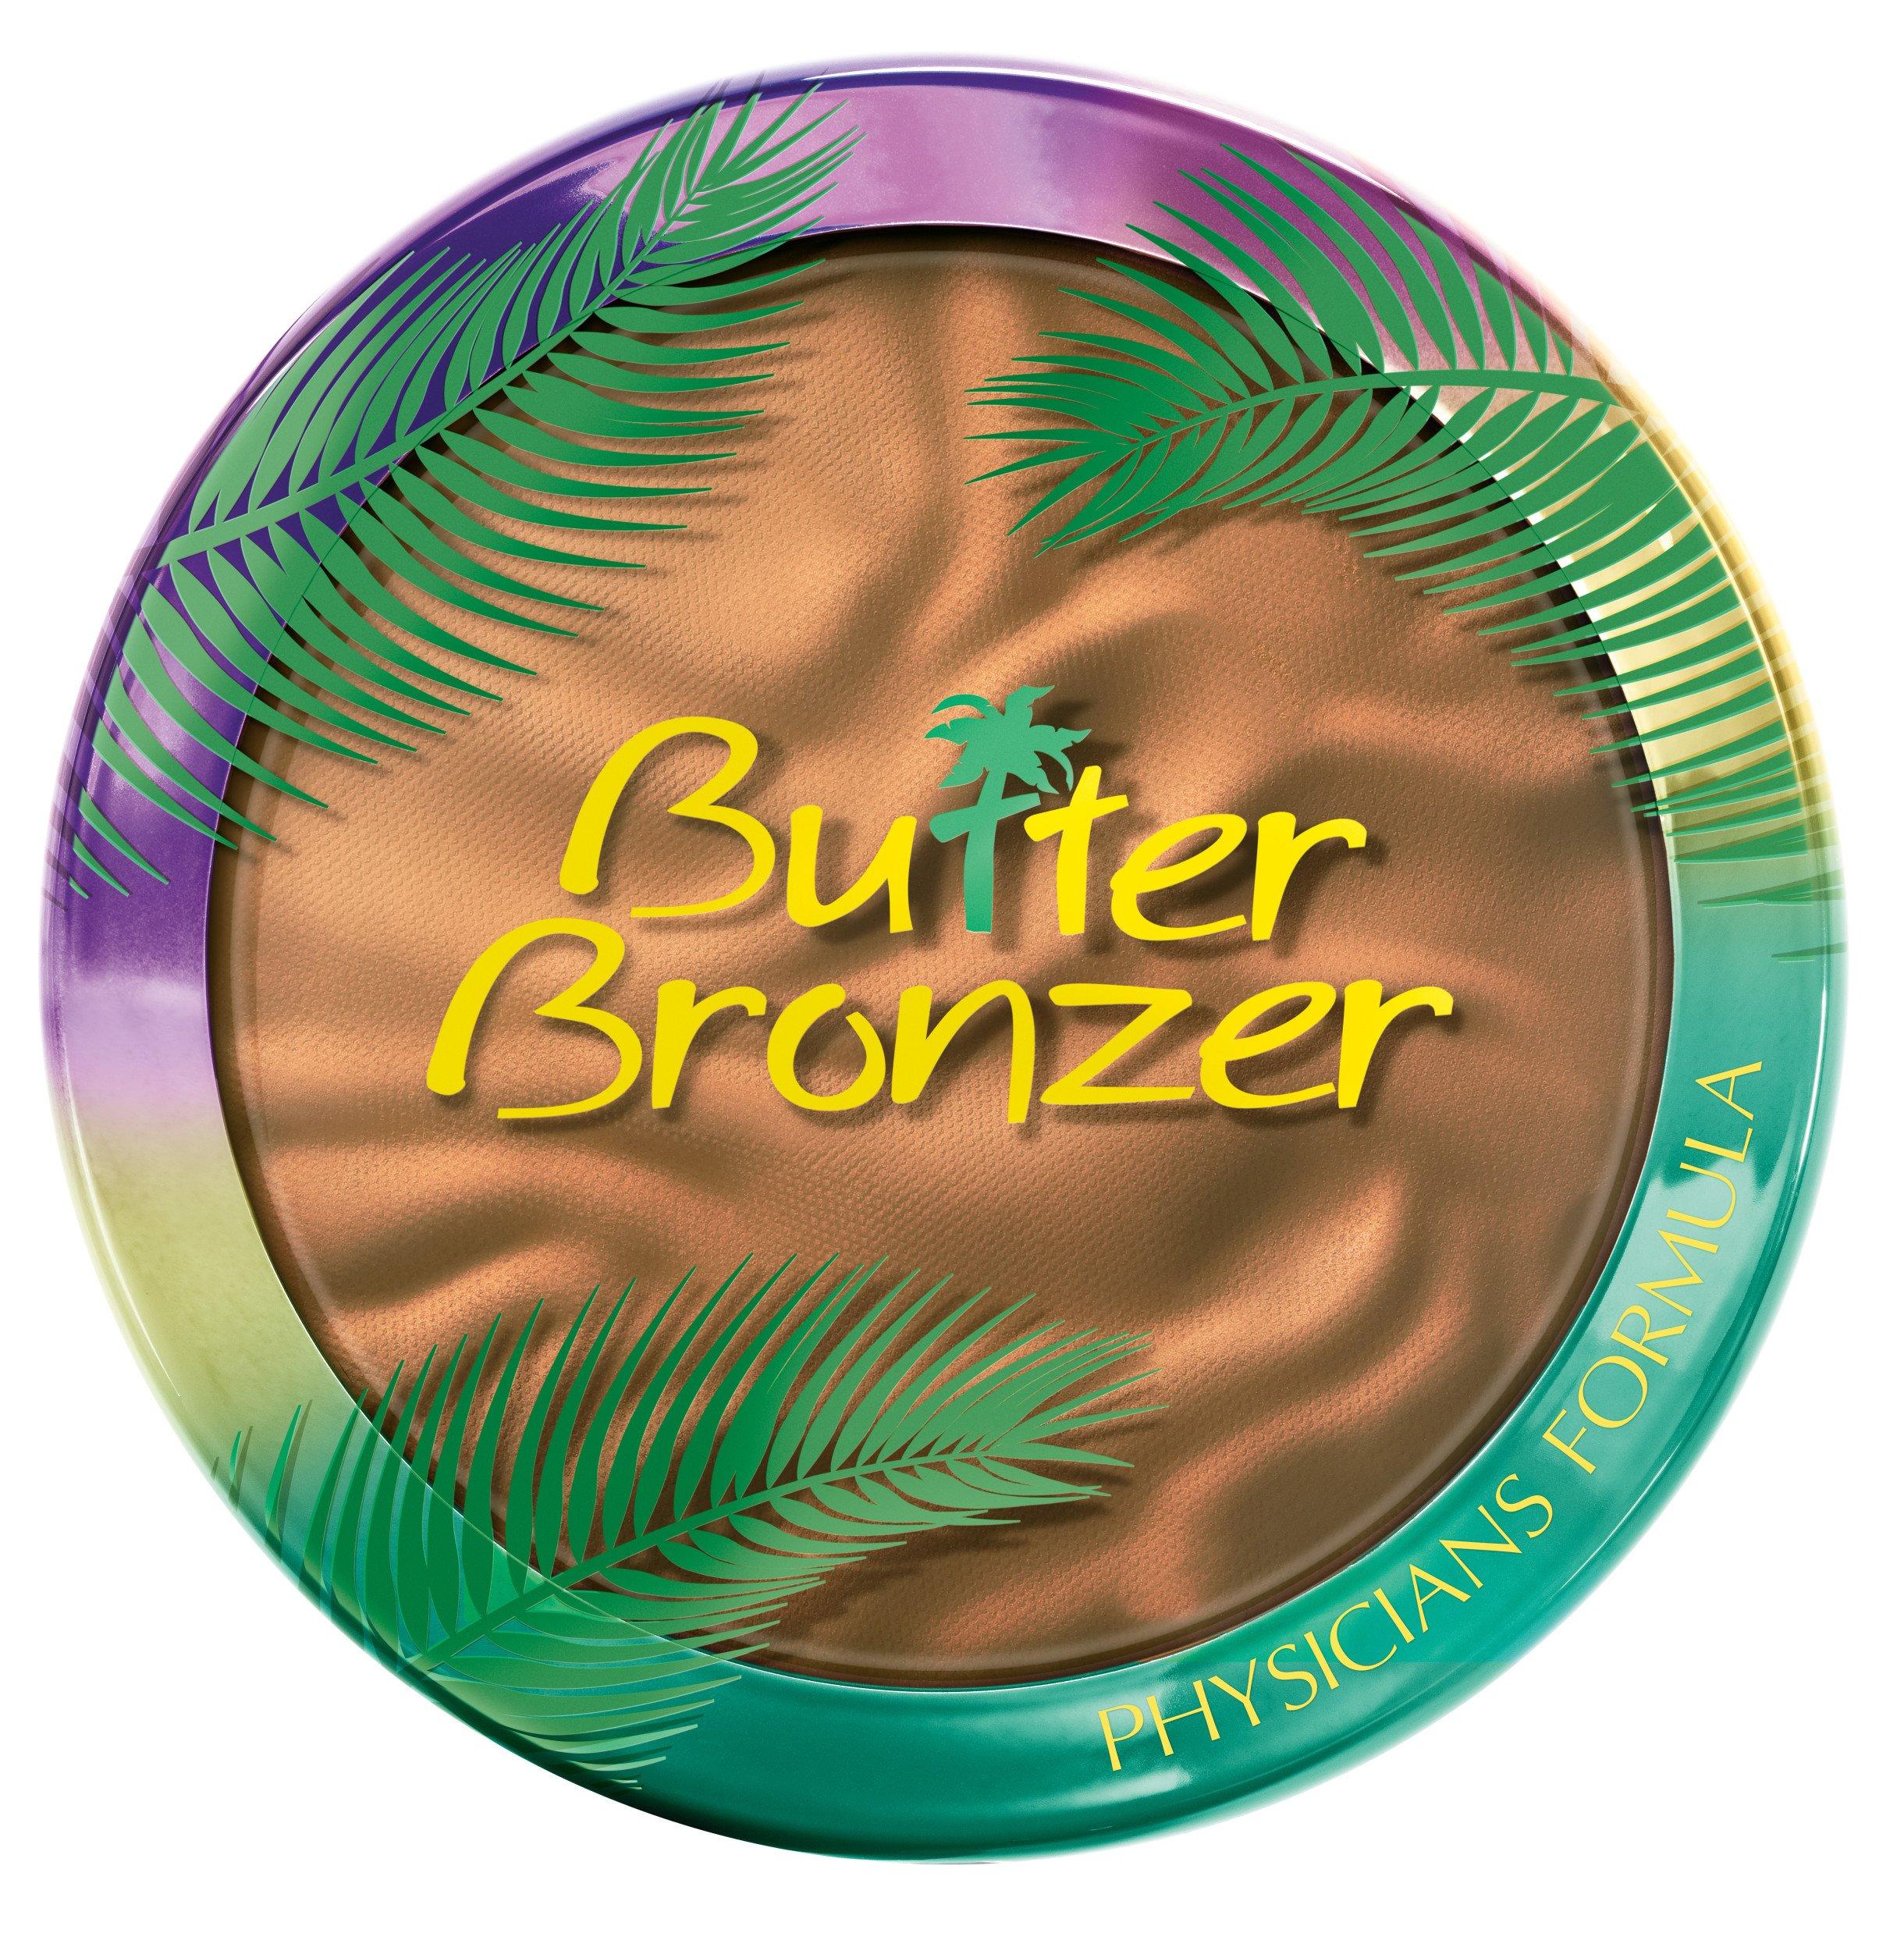 Physicians Formula Murumuru Butter Bronzer, Deep Bronzer, 0.38 Ounce